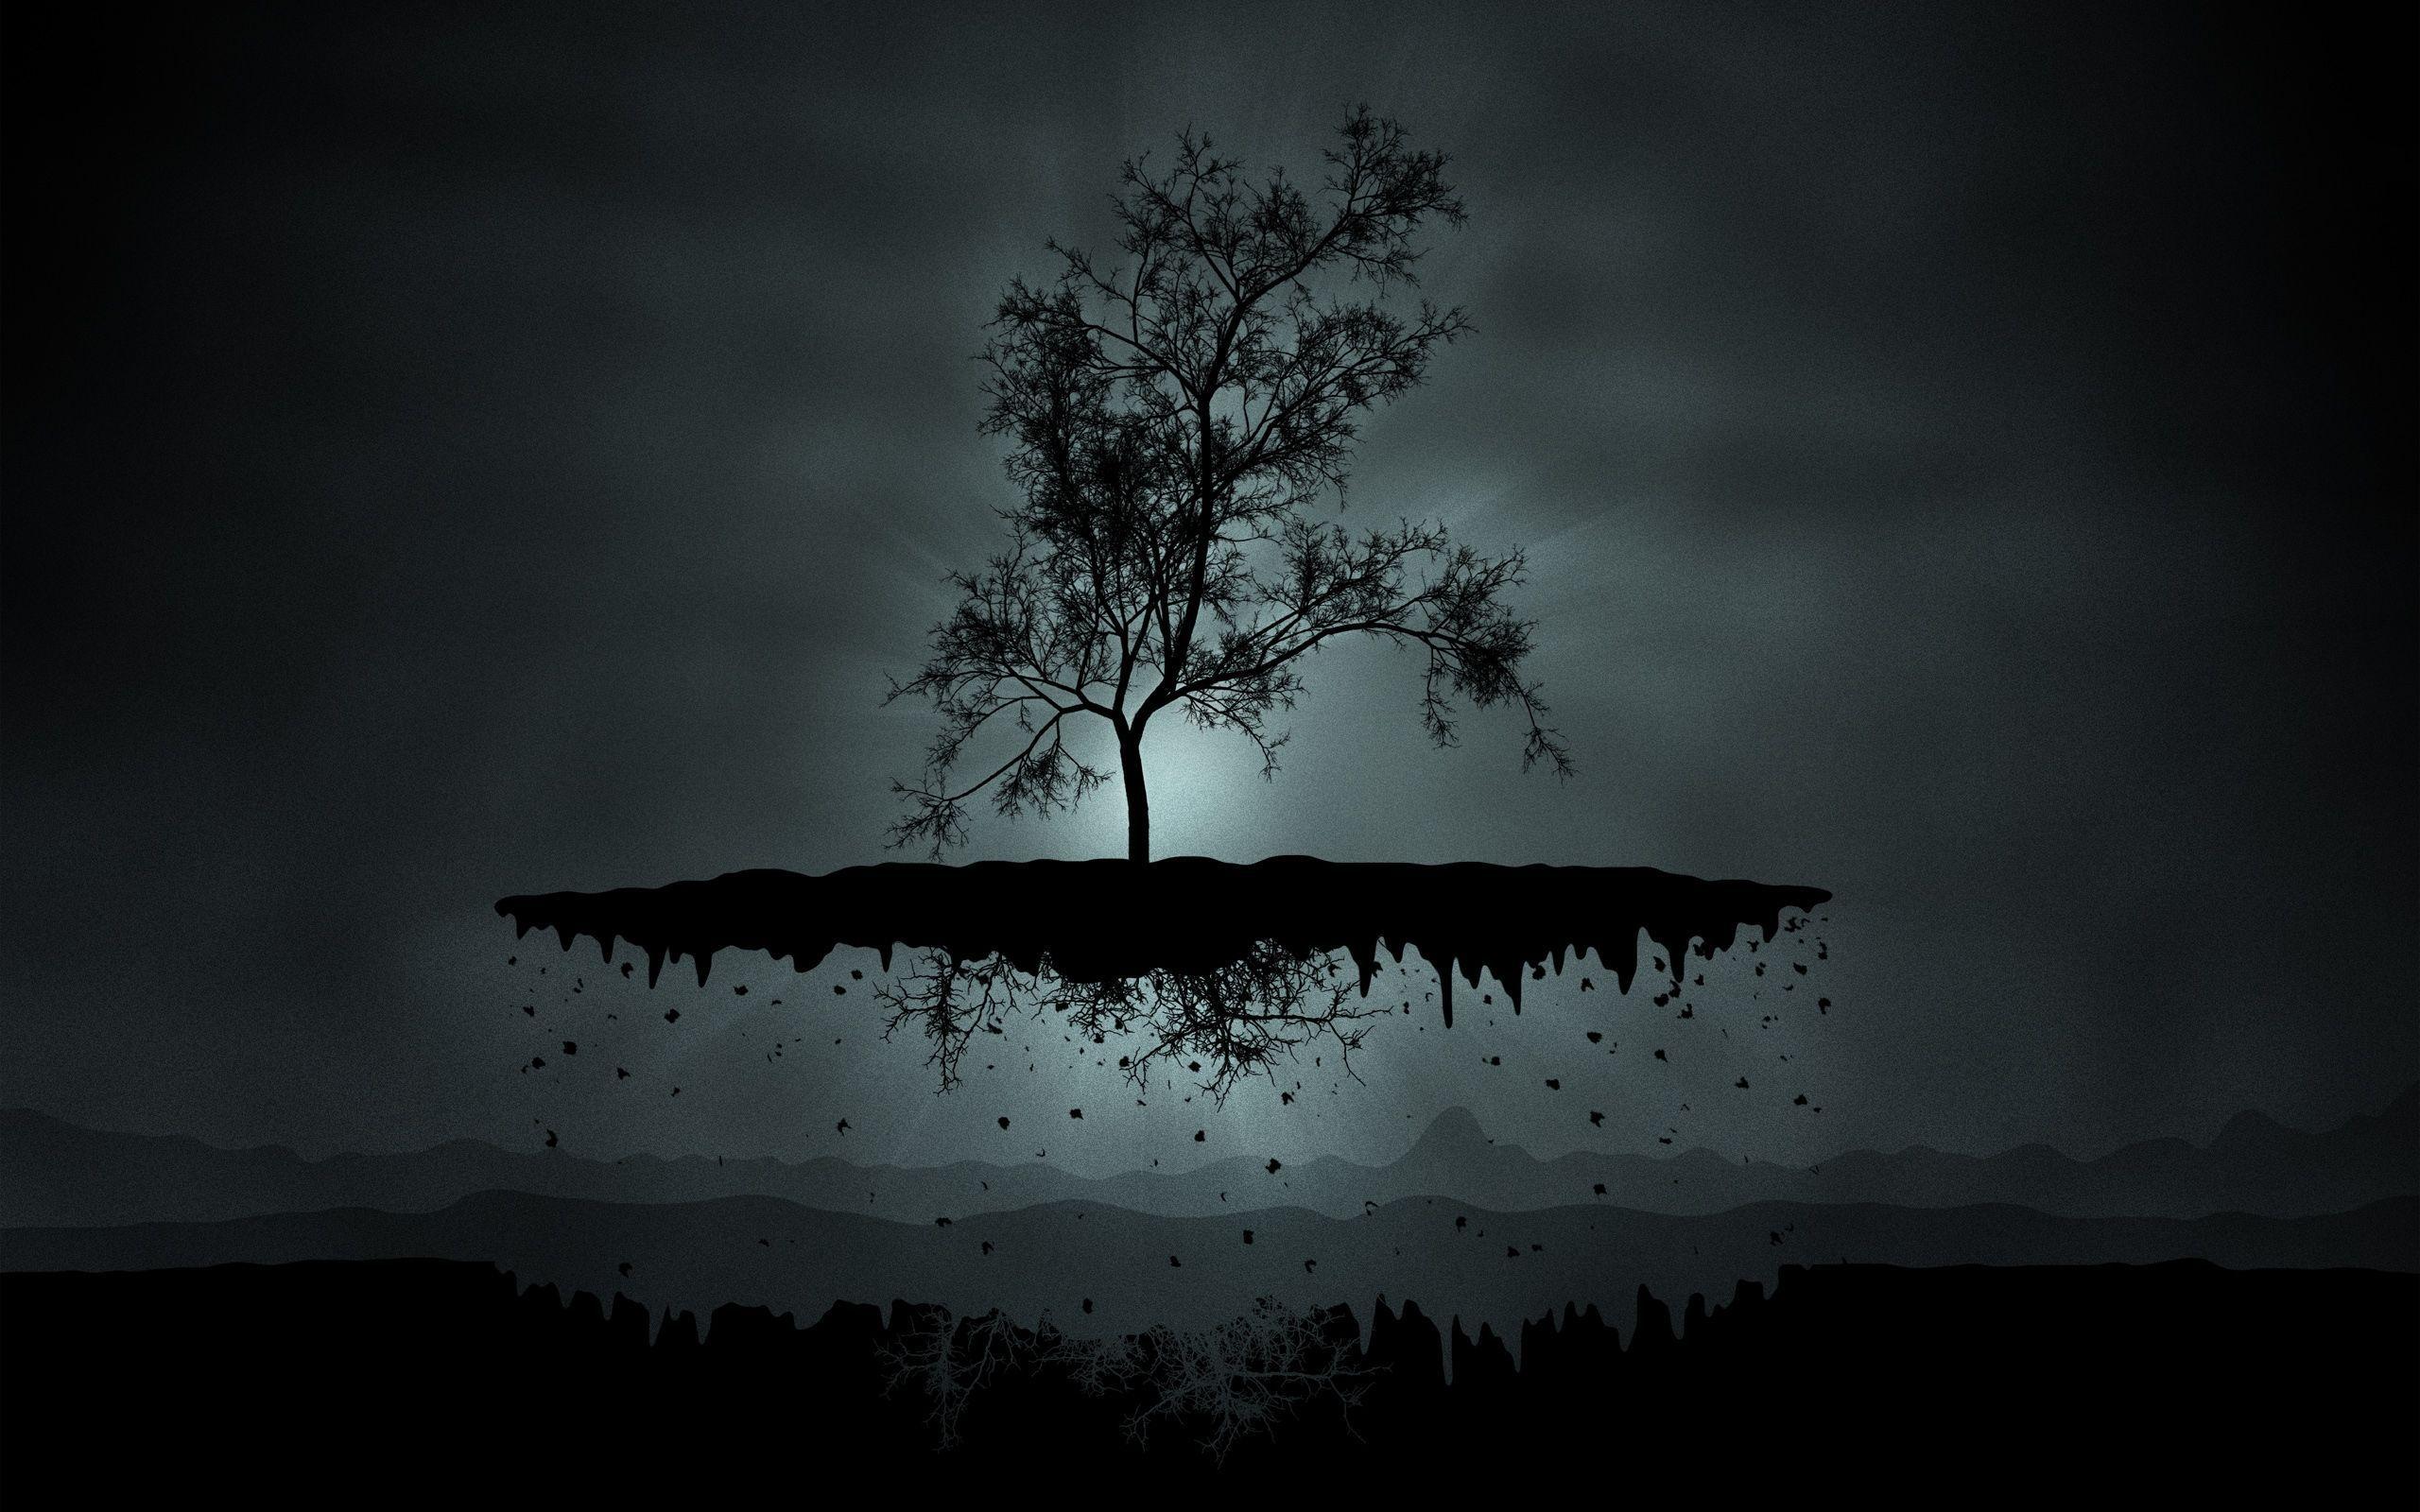 Dark Gothic Wallpaper Hd